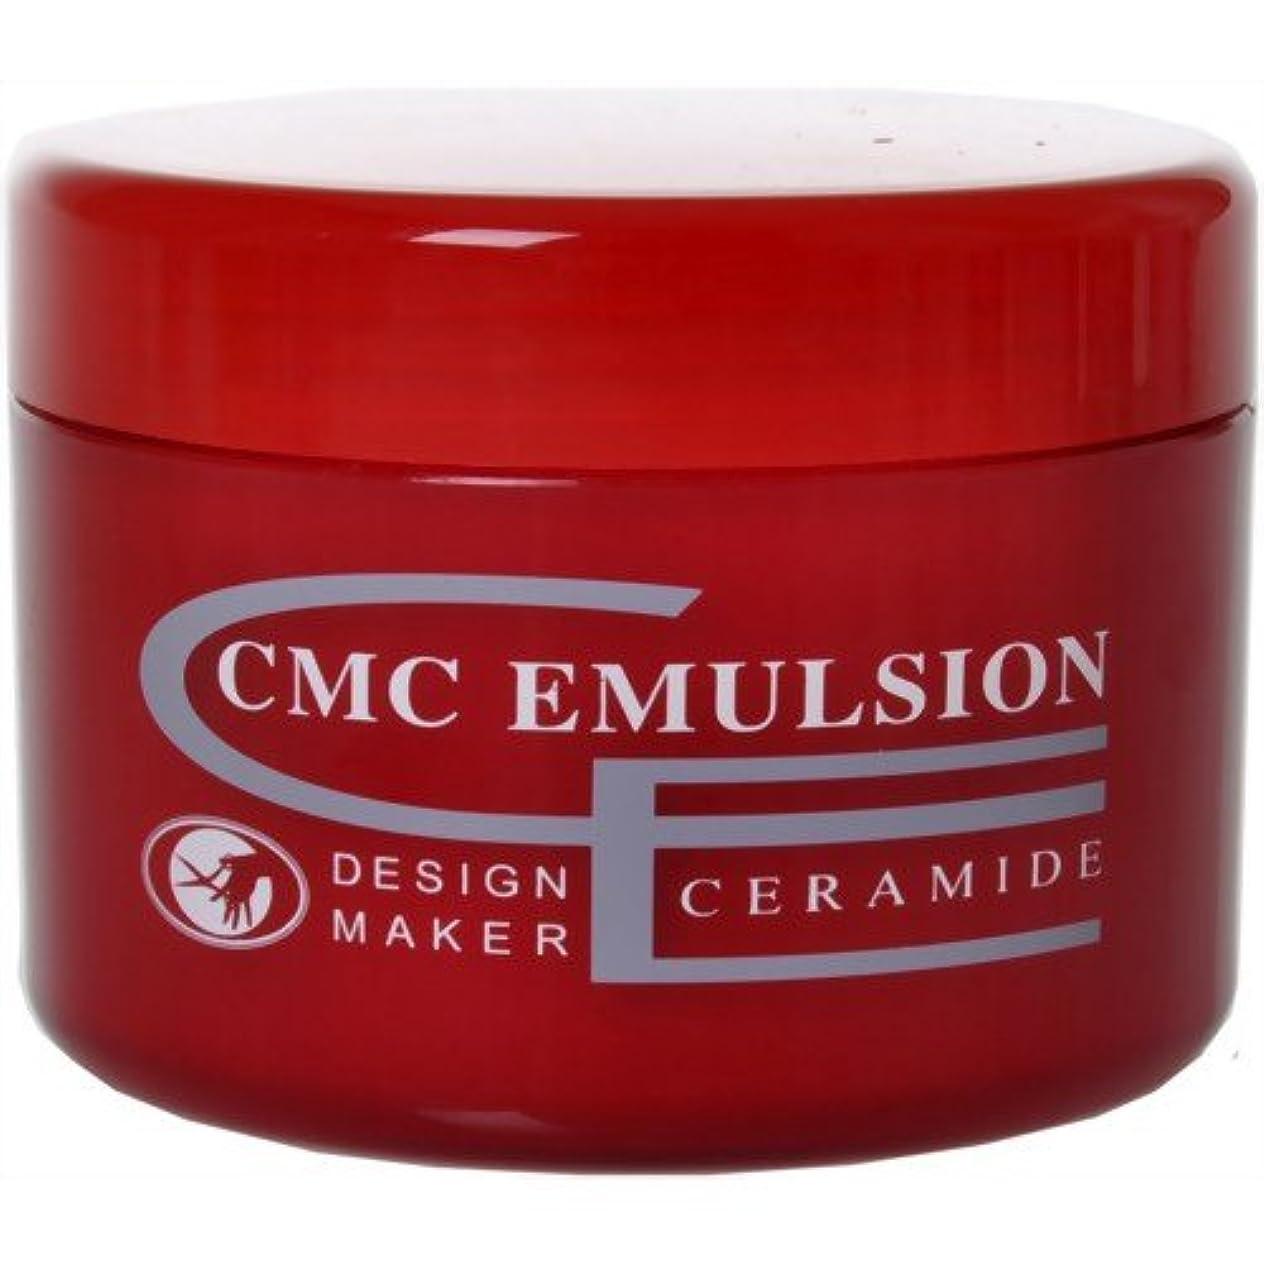 頬骨証言する地域のデザインメーカー CMCエマルジョントリートメント 200g